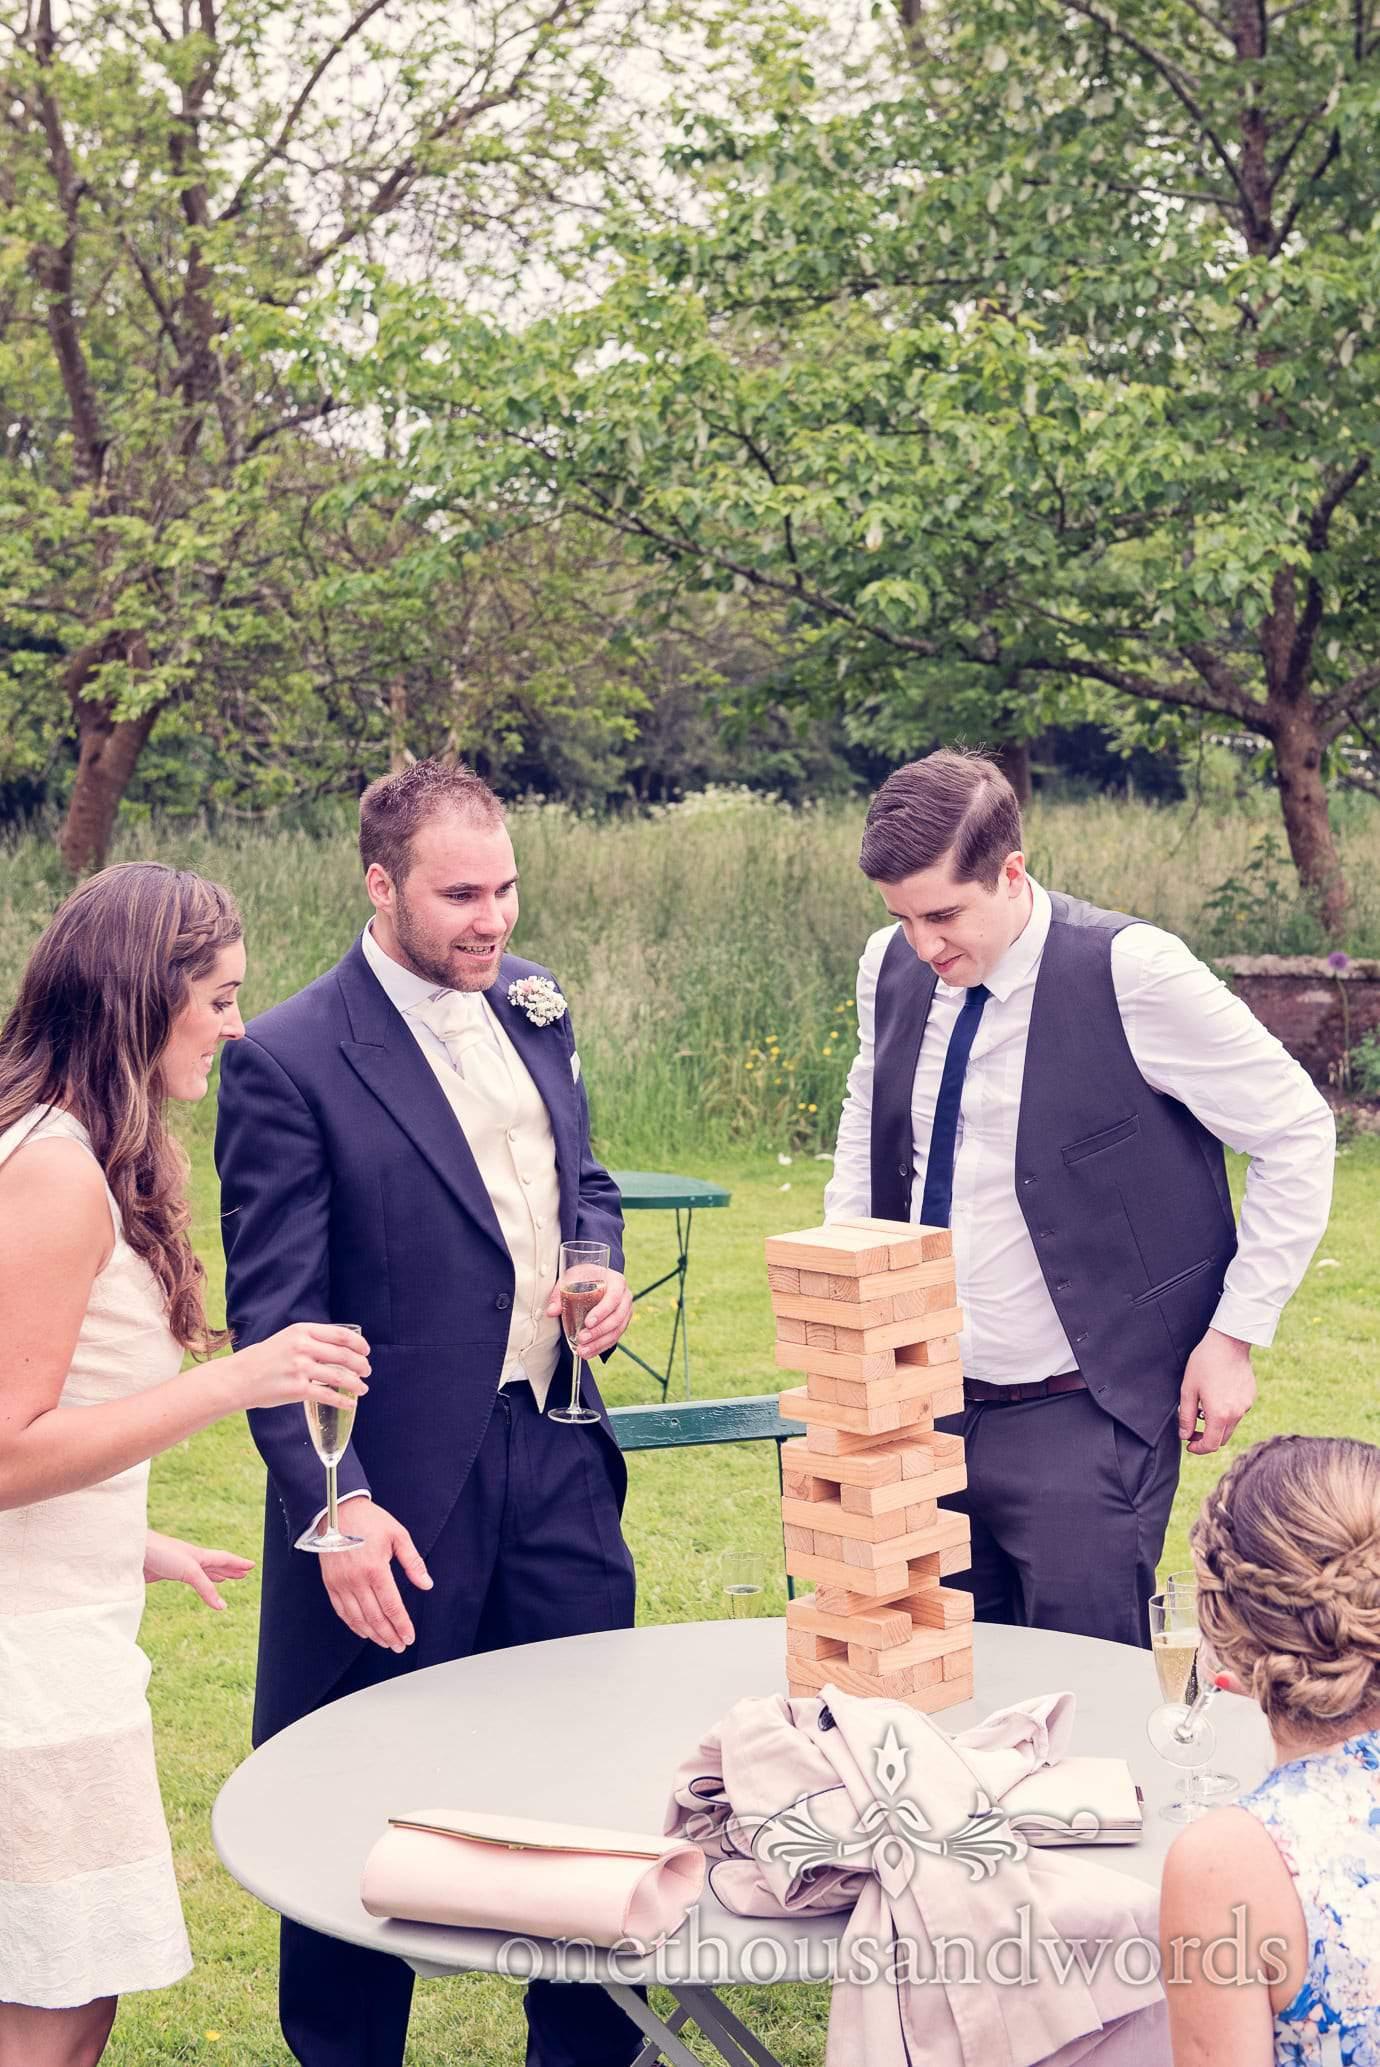 Garden games at Deans Court wedding drinks reception